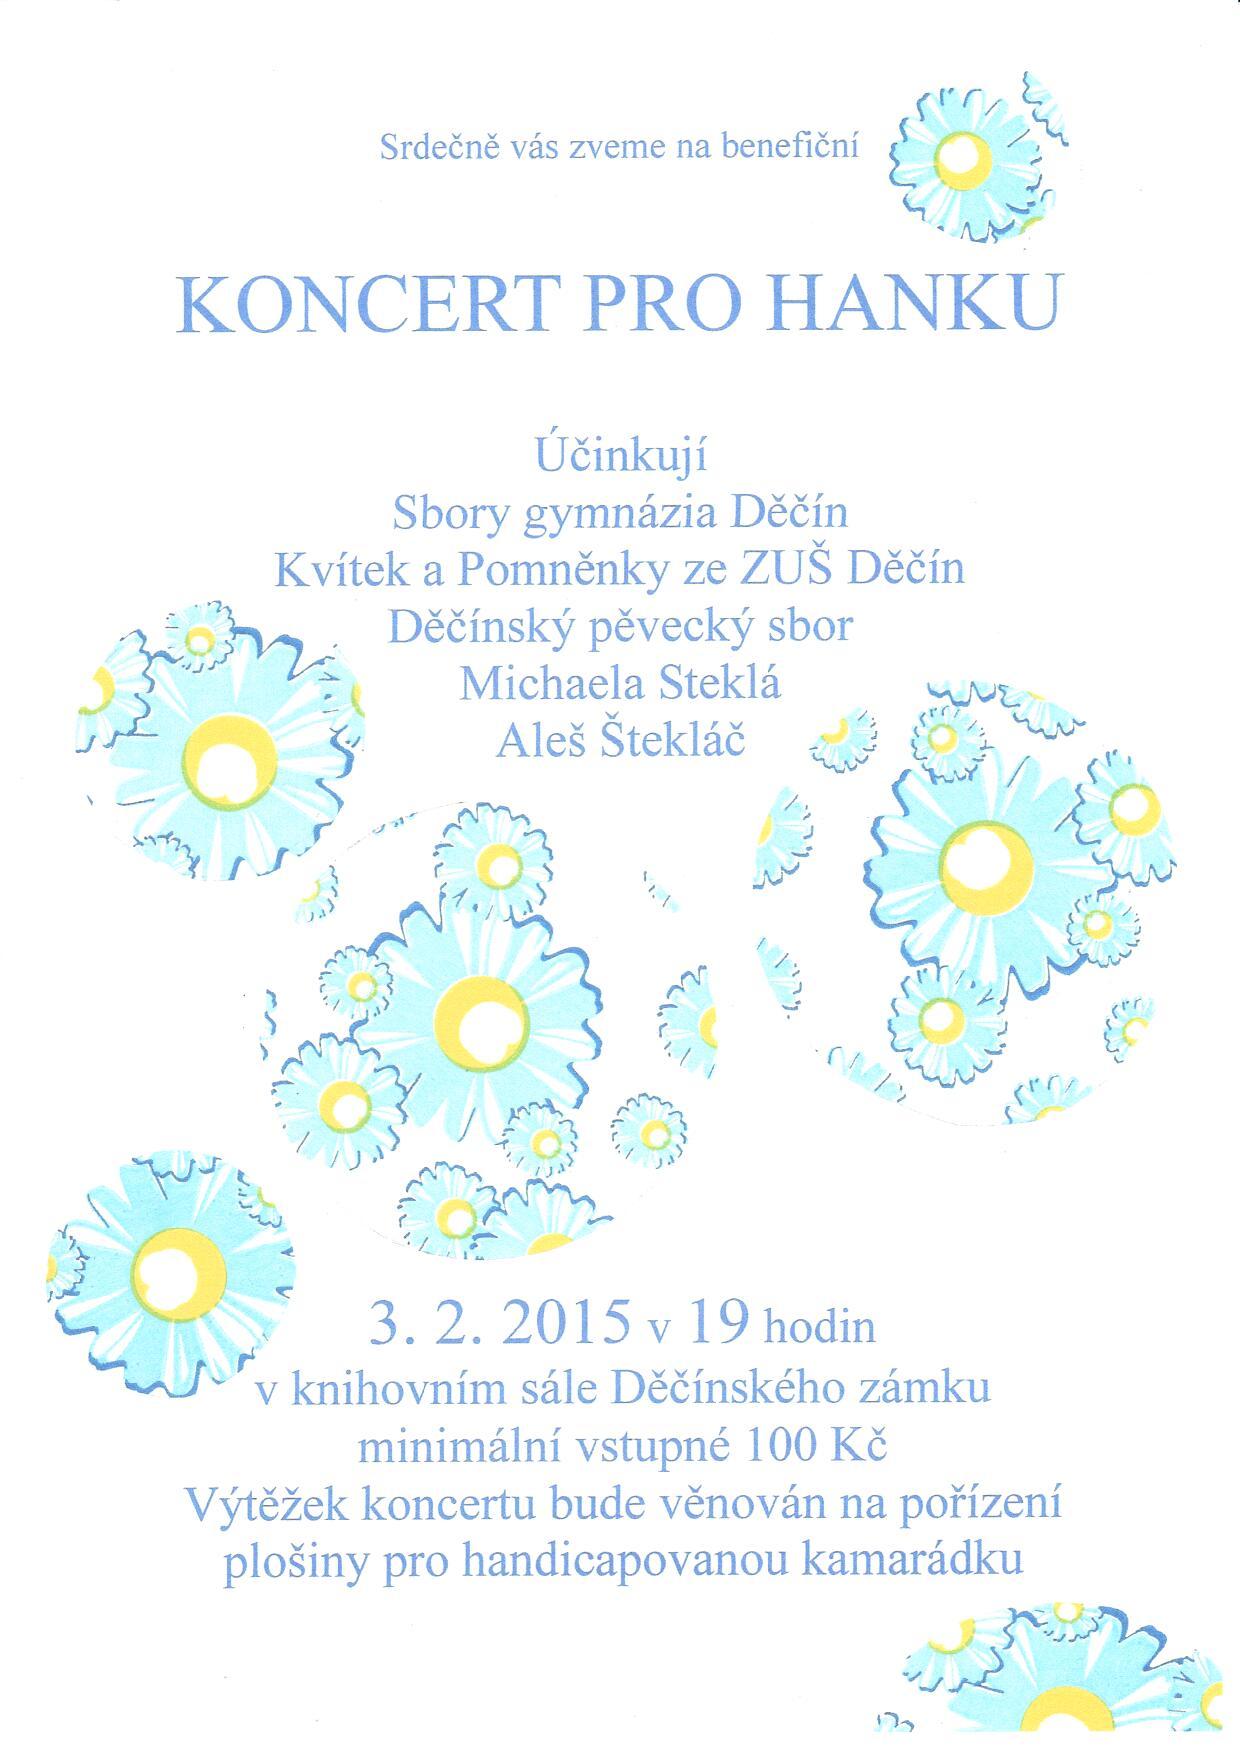 Benefièní koncert